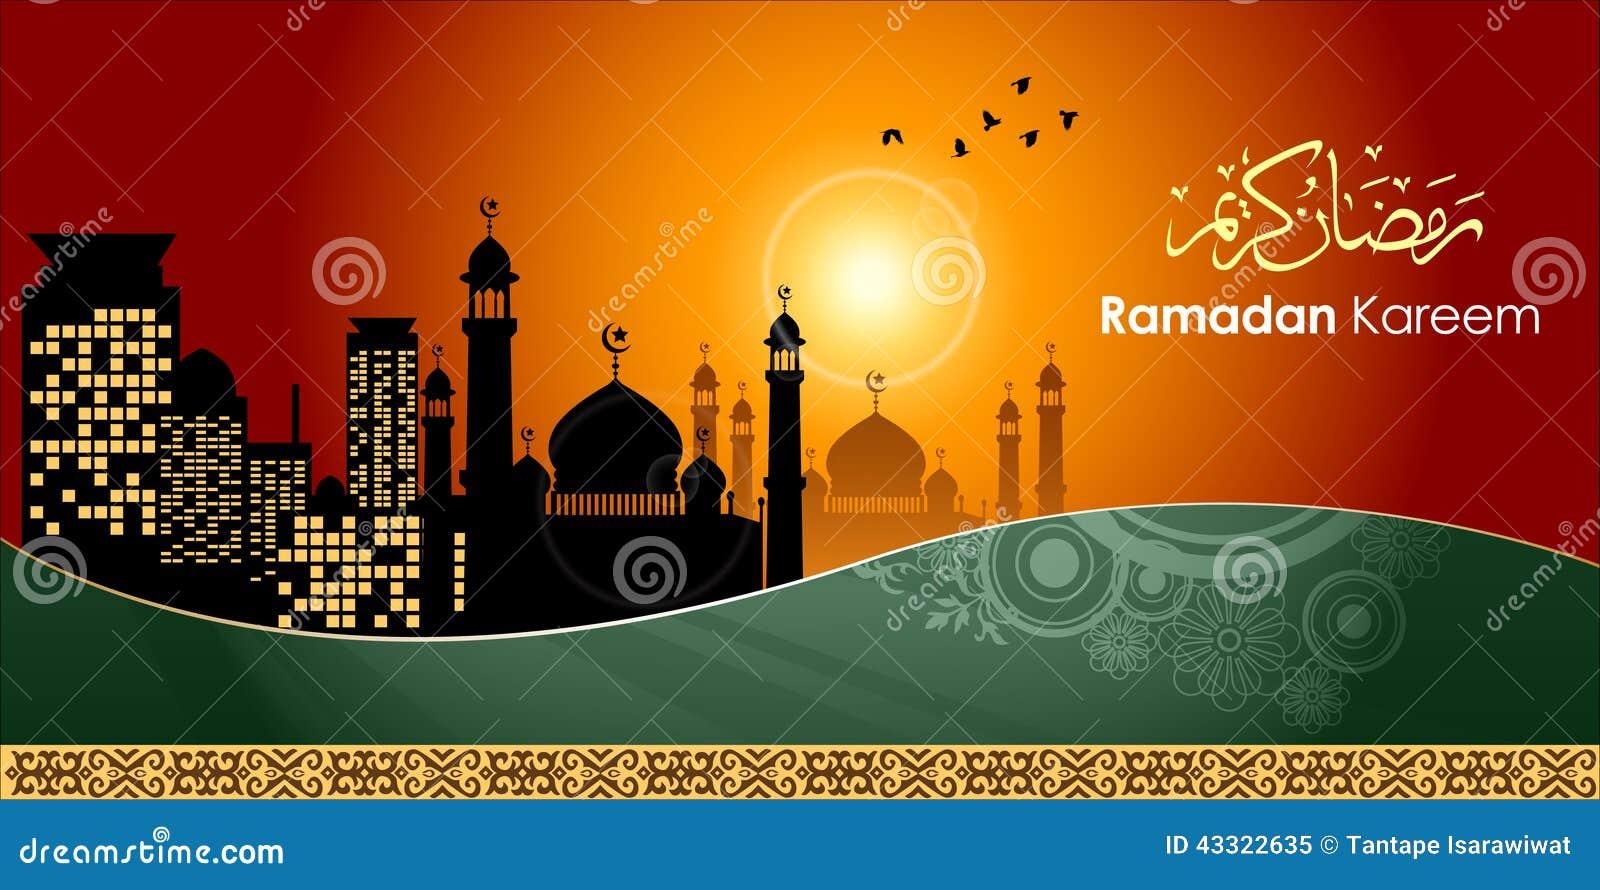 Ramadan greetings in arabic script cartoon vector cartoondealer ramadan greetings in arabic script cartoon vector cartoondealer 43322635 m4hsunfo